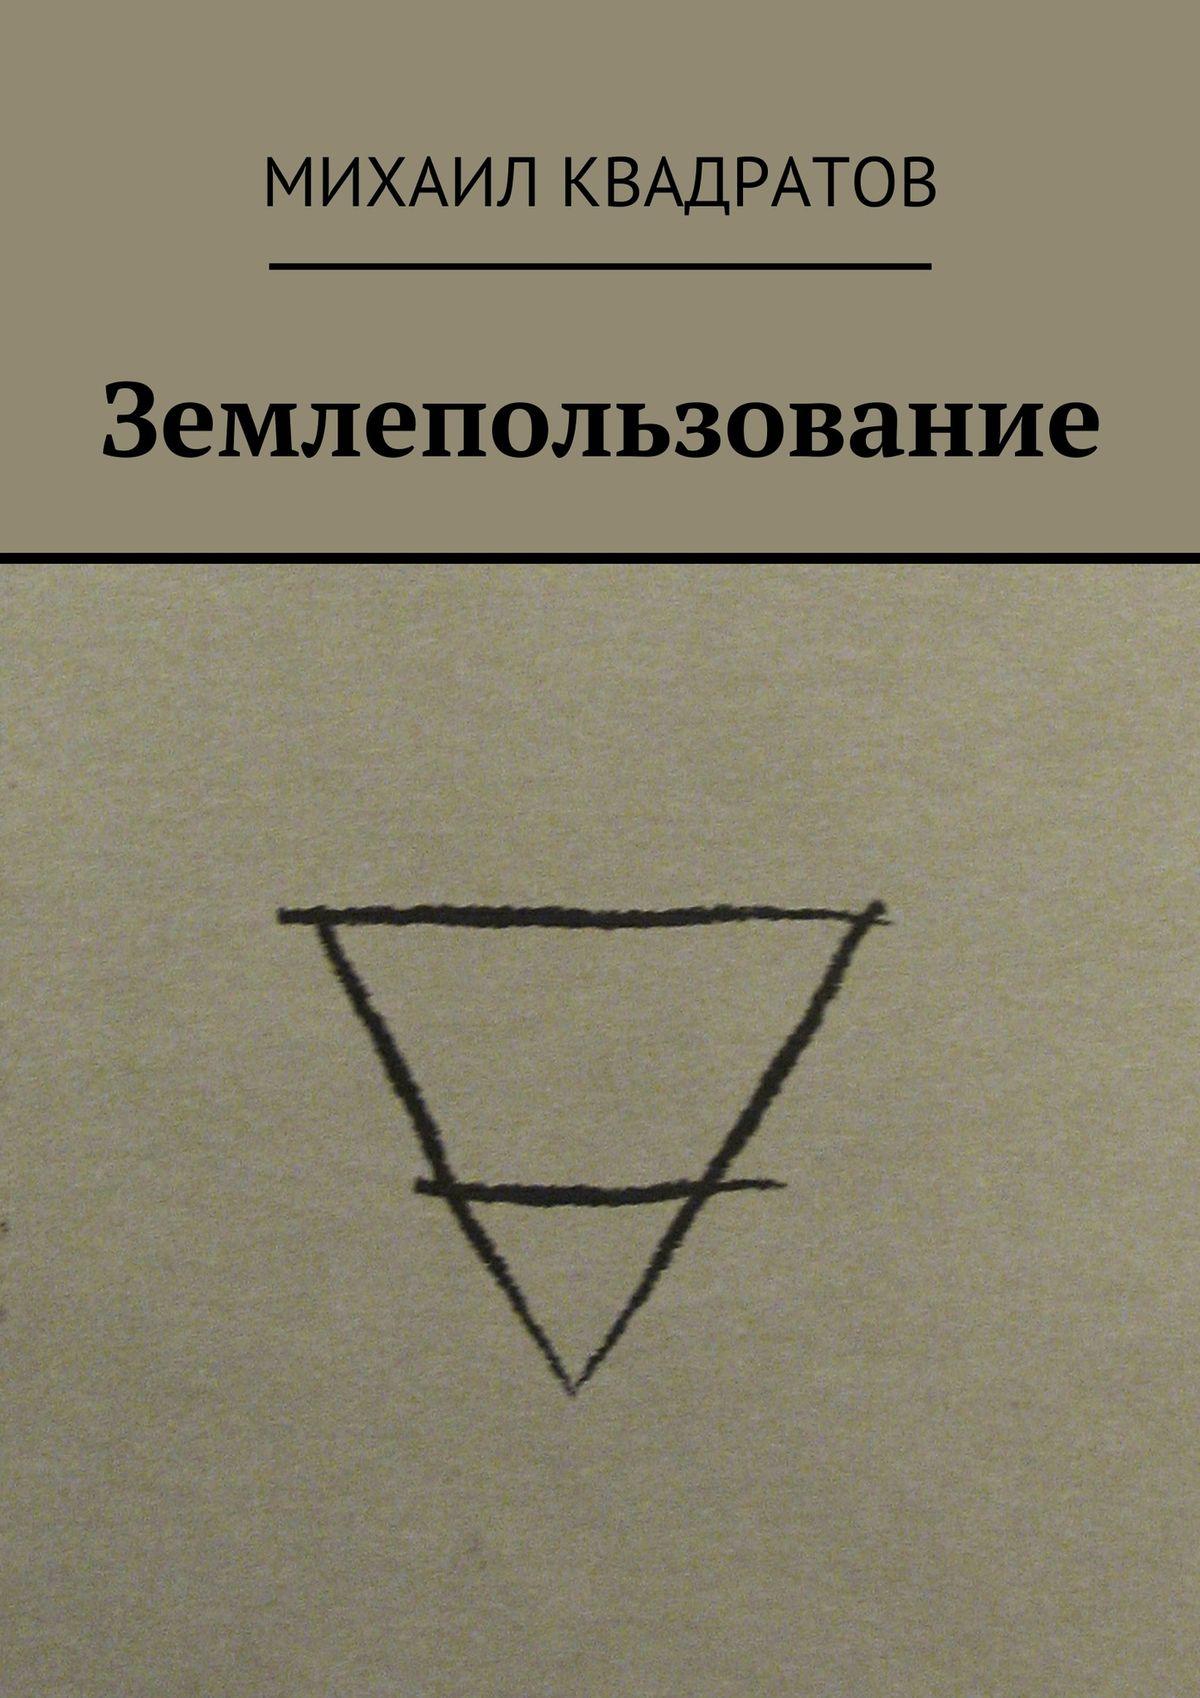 Михаил Квадратов Землепользование михаил квадратов тени брошенных вещей